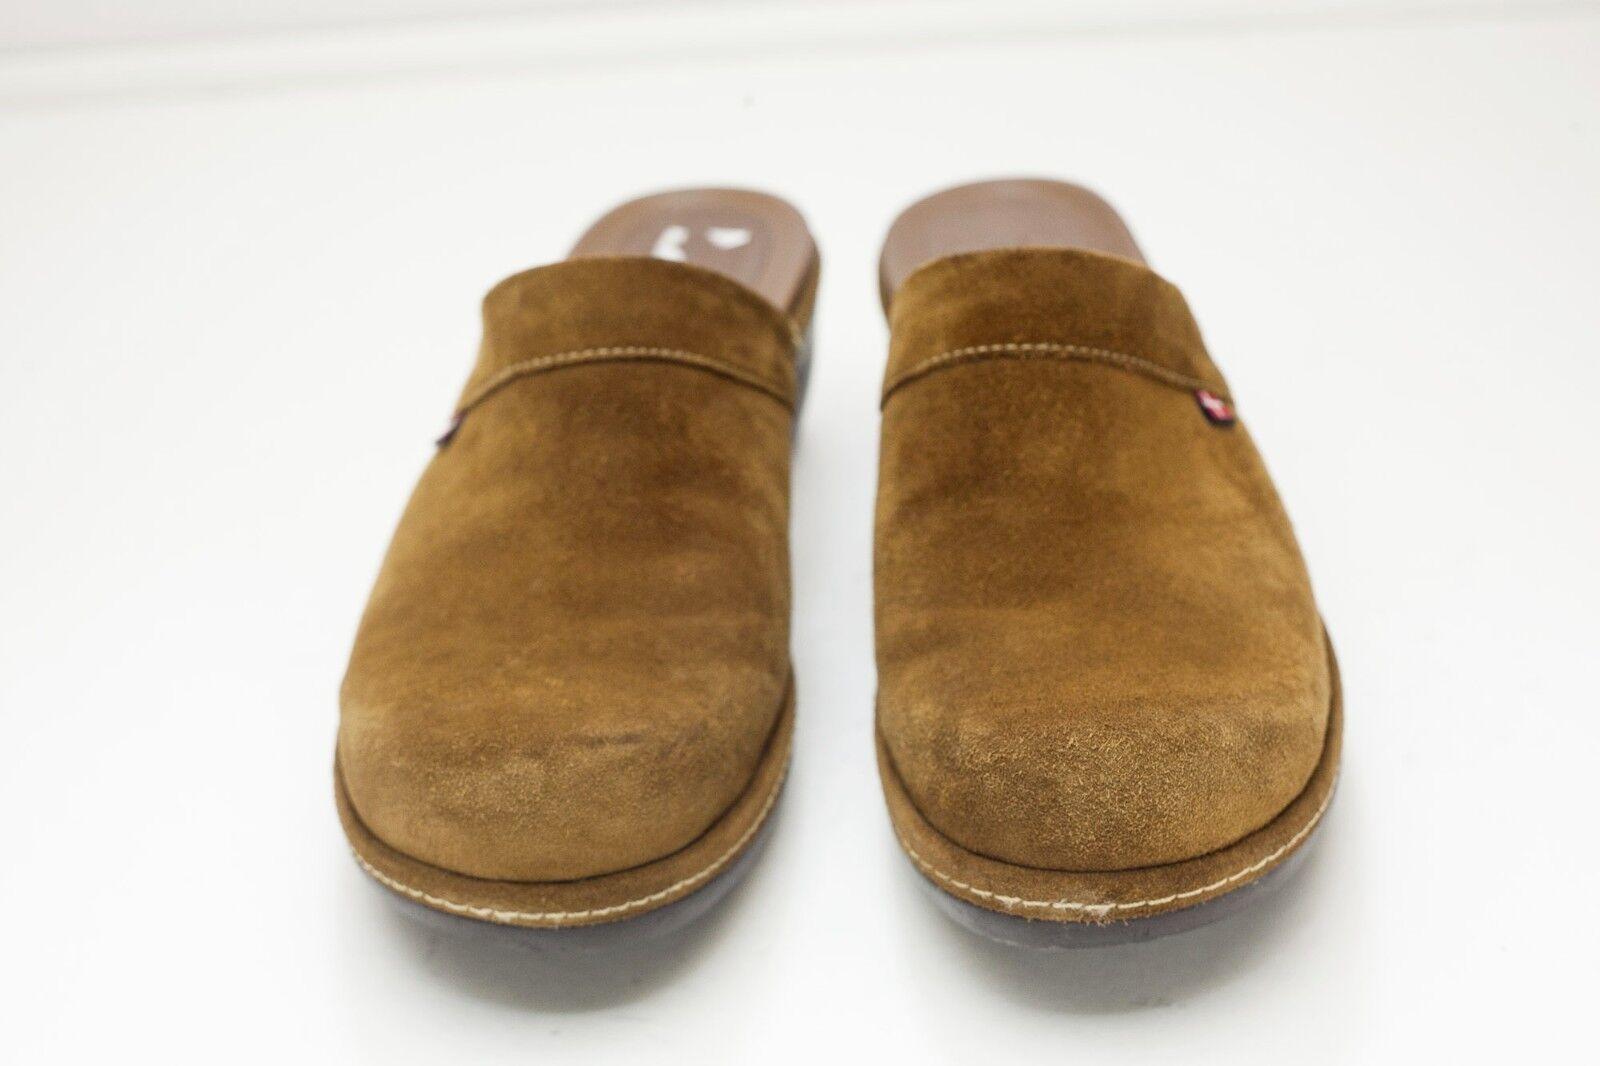 Ecco 8 - EU 8.5 Braun Suede Mules EU - 39 c34045